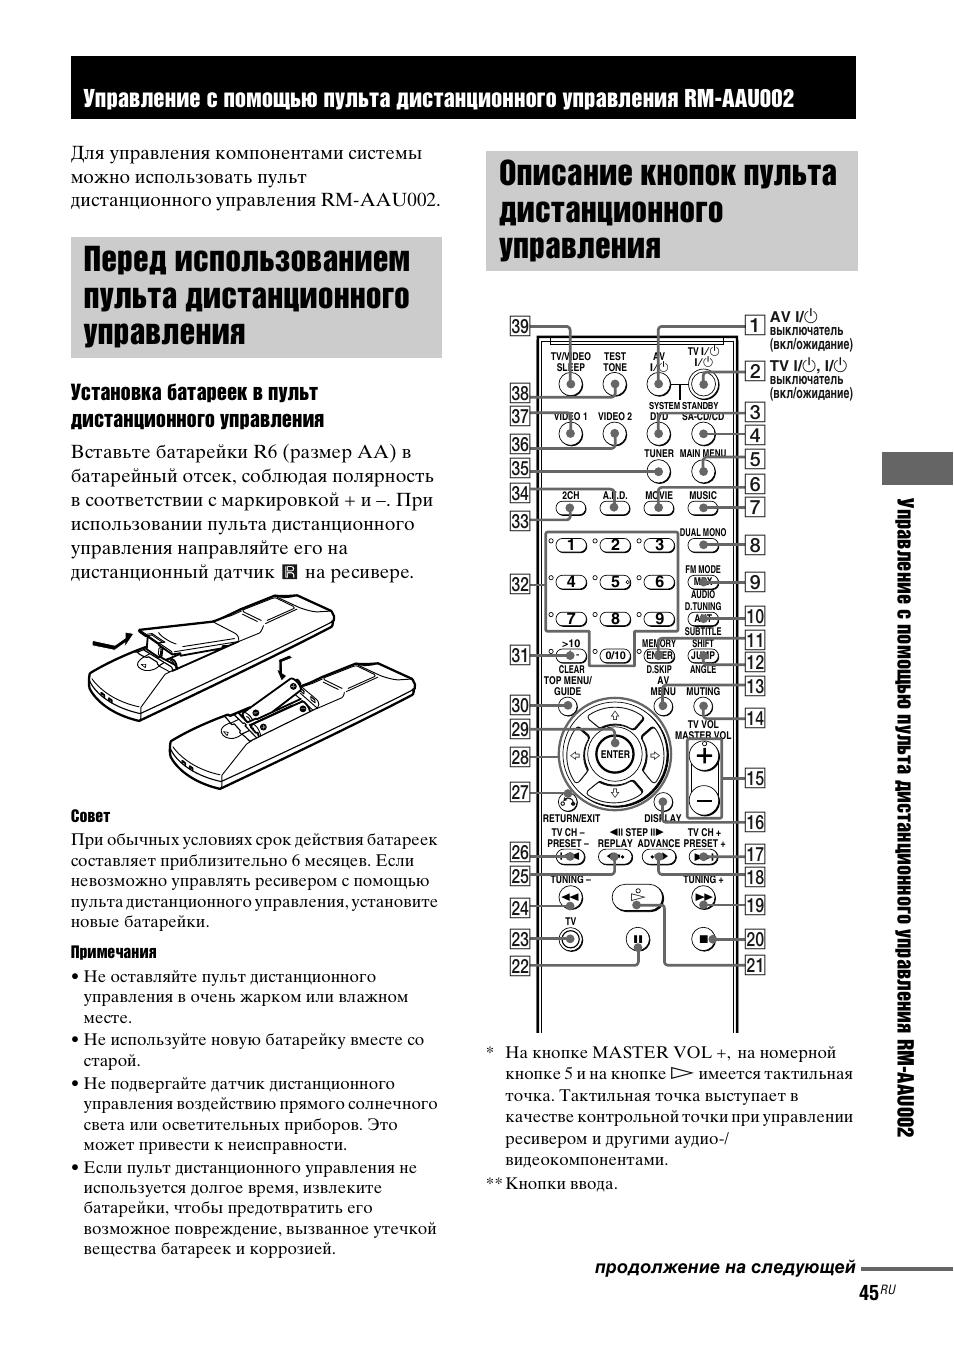 пульт sony rm-adu047 инструкция к применению